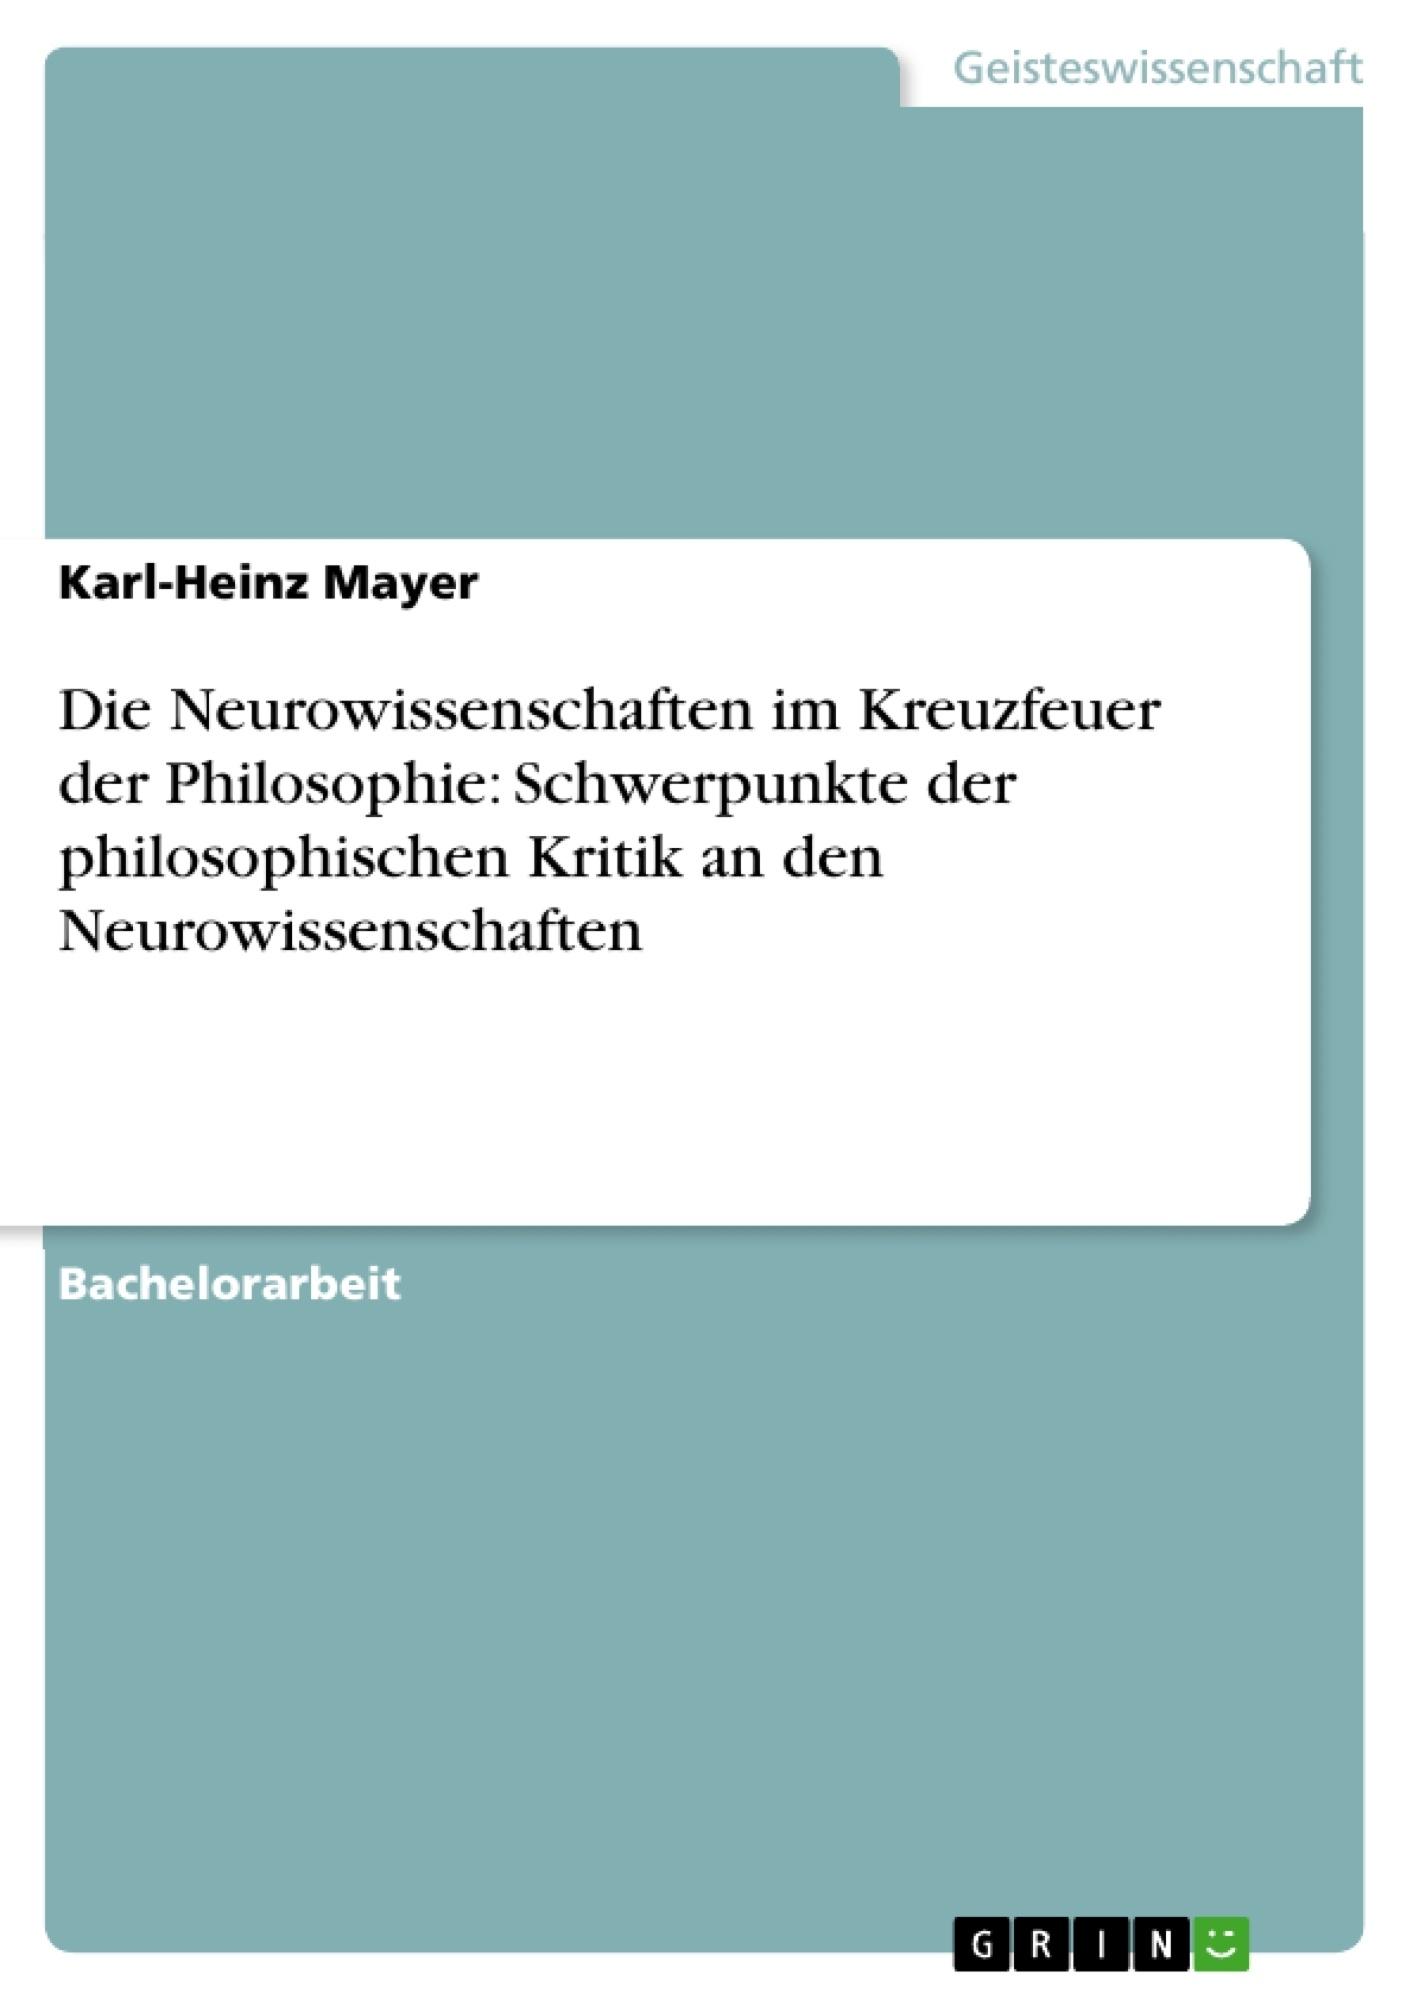 Titel: Die Neurowissenschaften im Kreuzfeuer der Philosophie: Schwerpunkte der philosophischen Kritik an den Neurowissenschaften